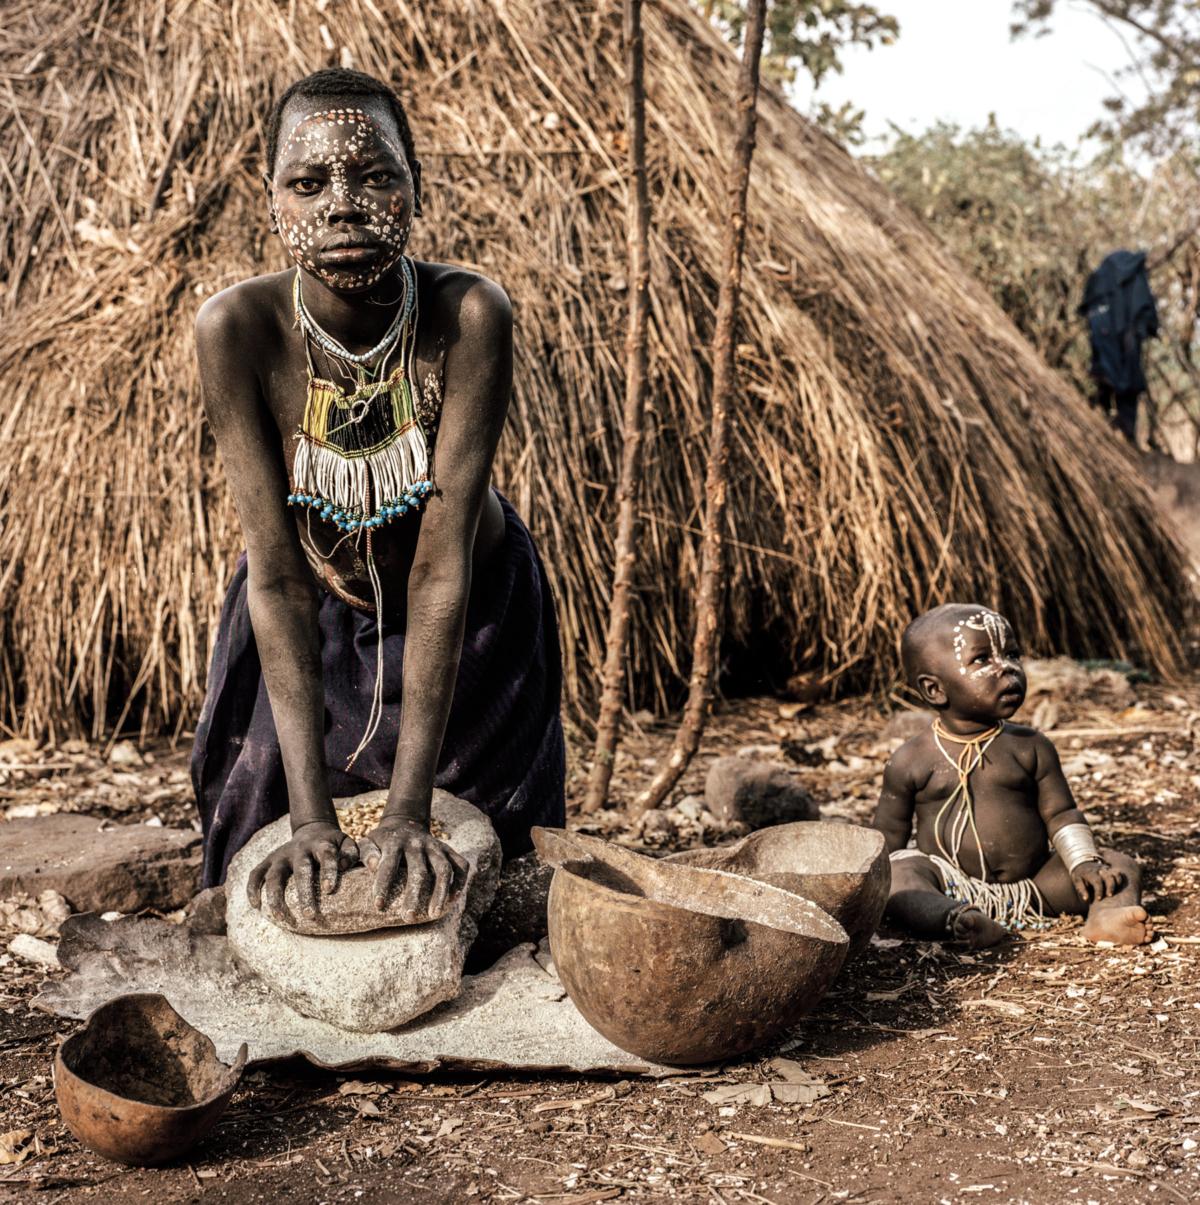 Surmas #1, Ethiopie, 2011 Photographie Fine Art print sur papier Hahnemühle 100 x 100 cm, SG-SU01 ©Stephan Gladieu